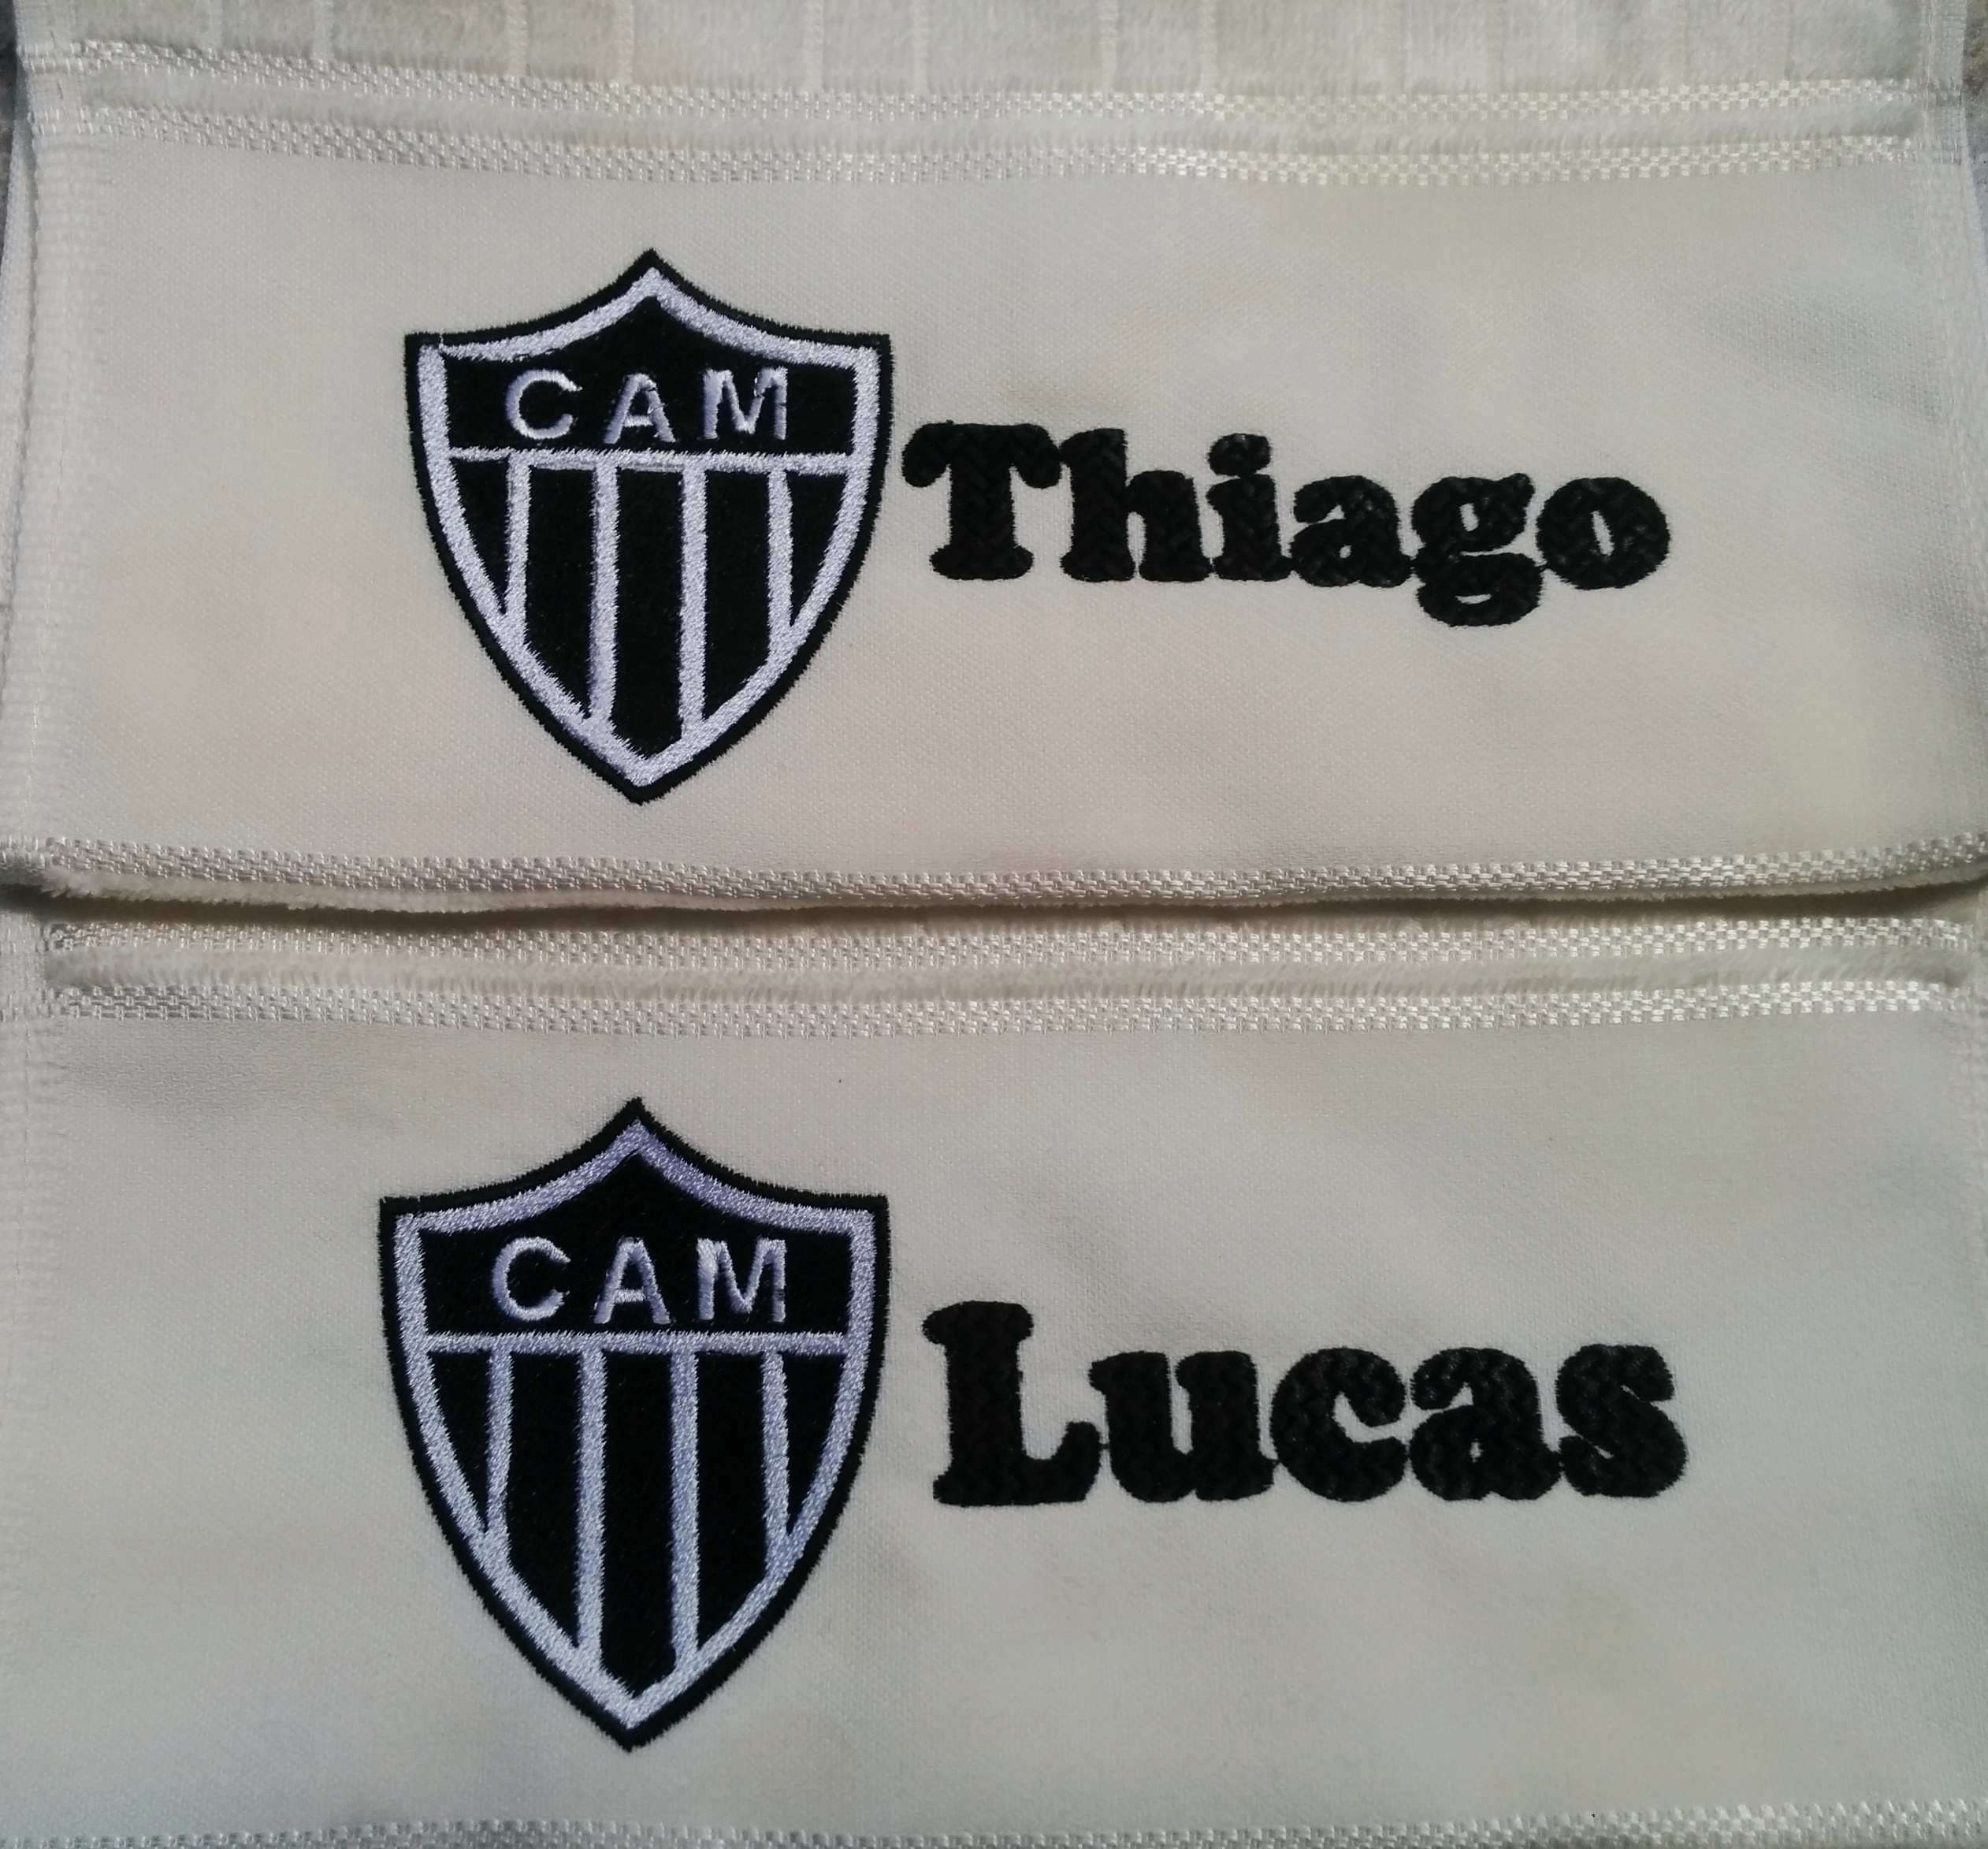 Jogo Toalhas Time de Futebol 2  93d9ae6e96a75